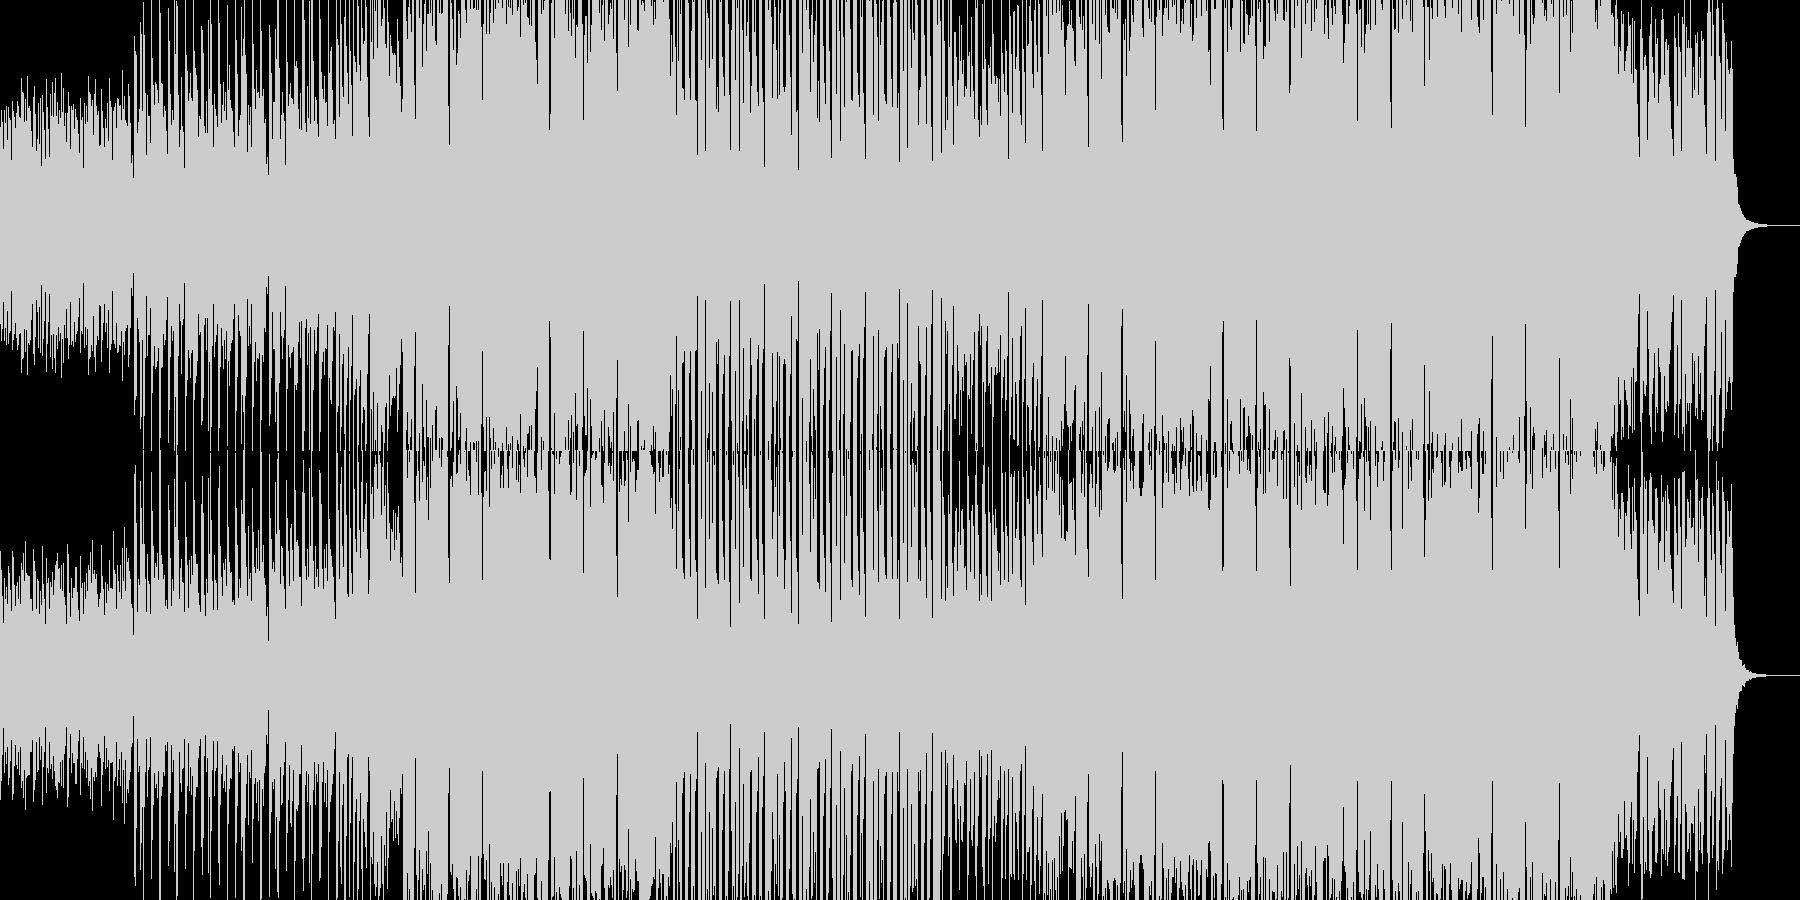 感動系Future bass風EDM曲の未再生の波形